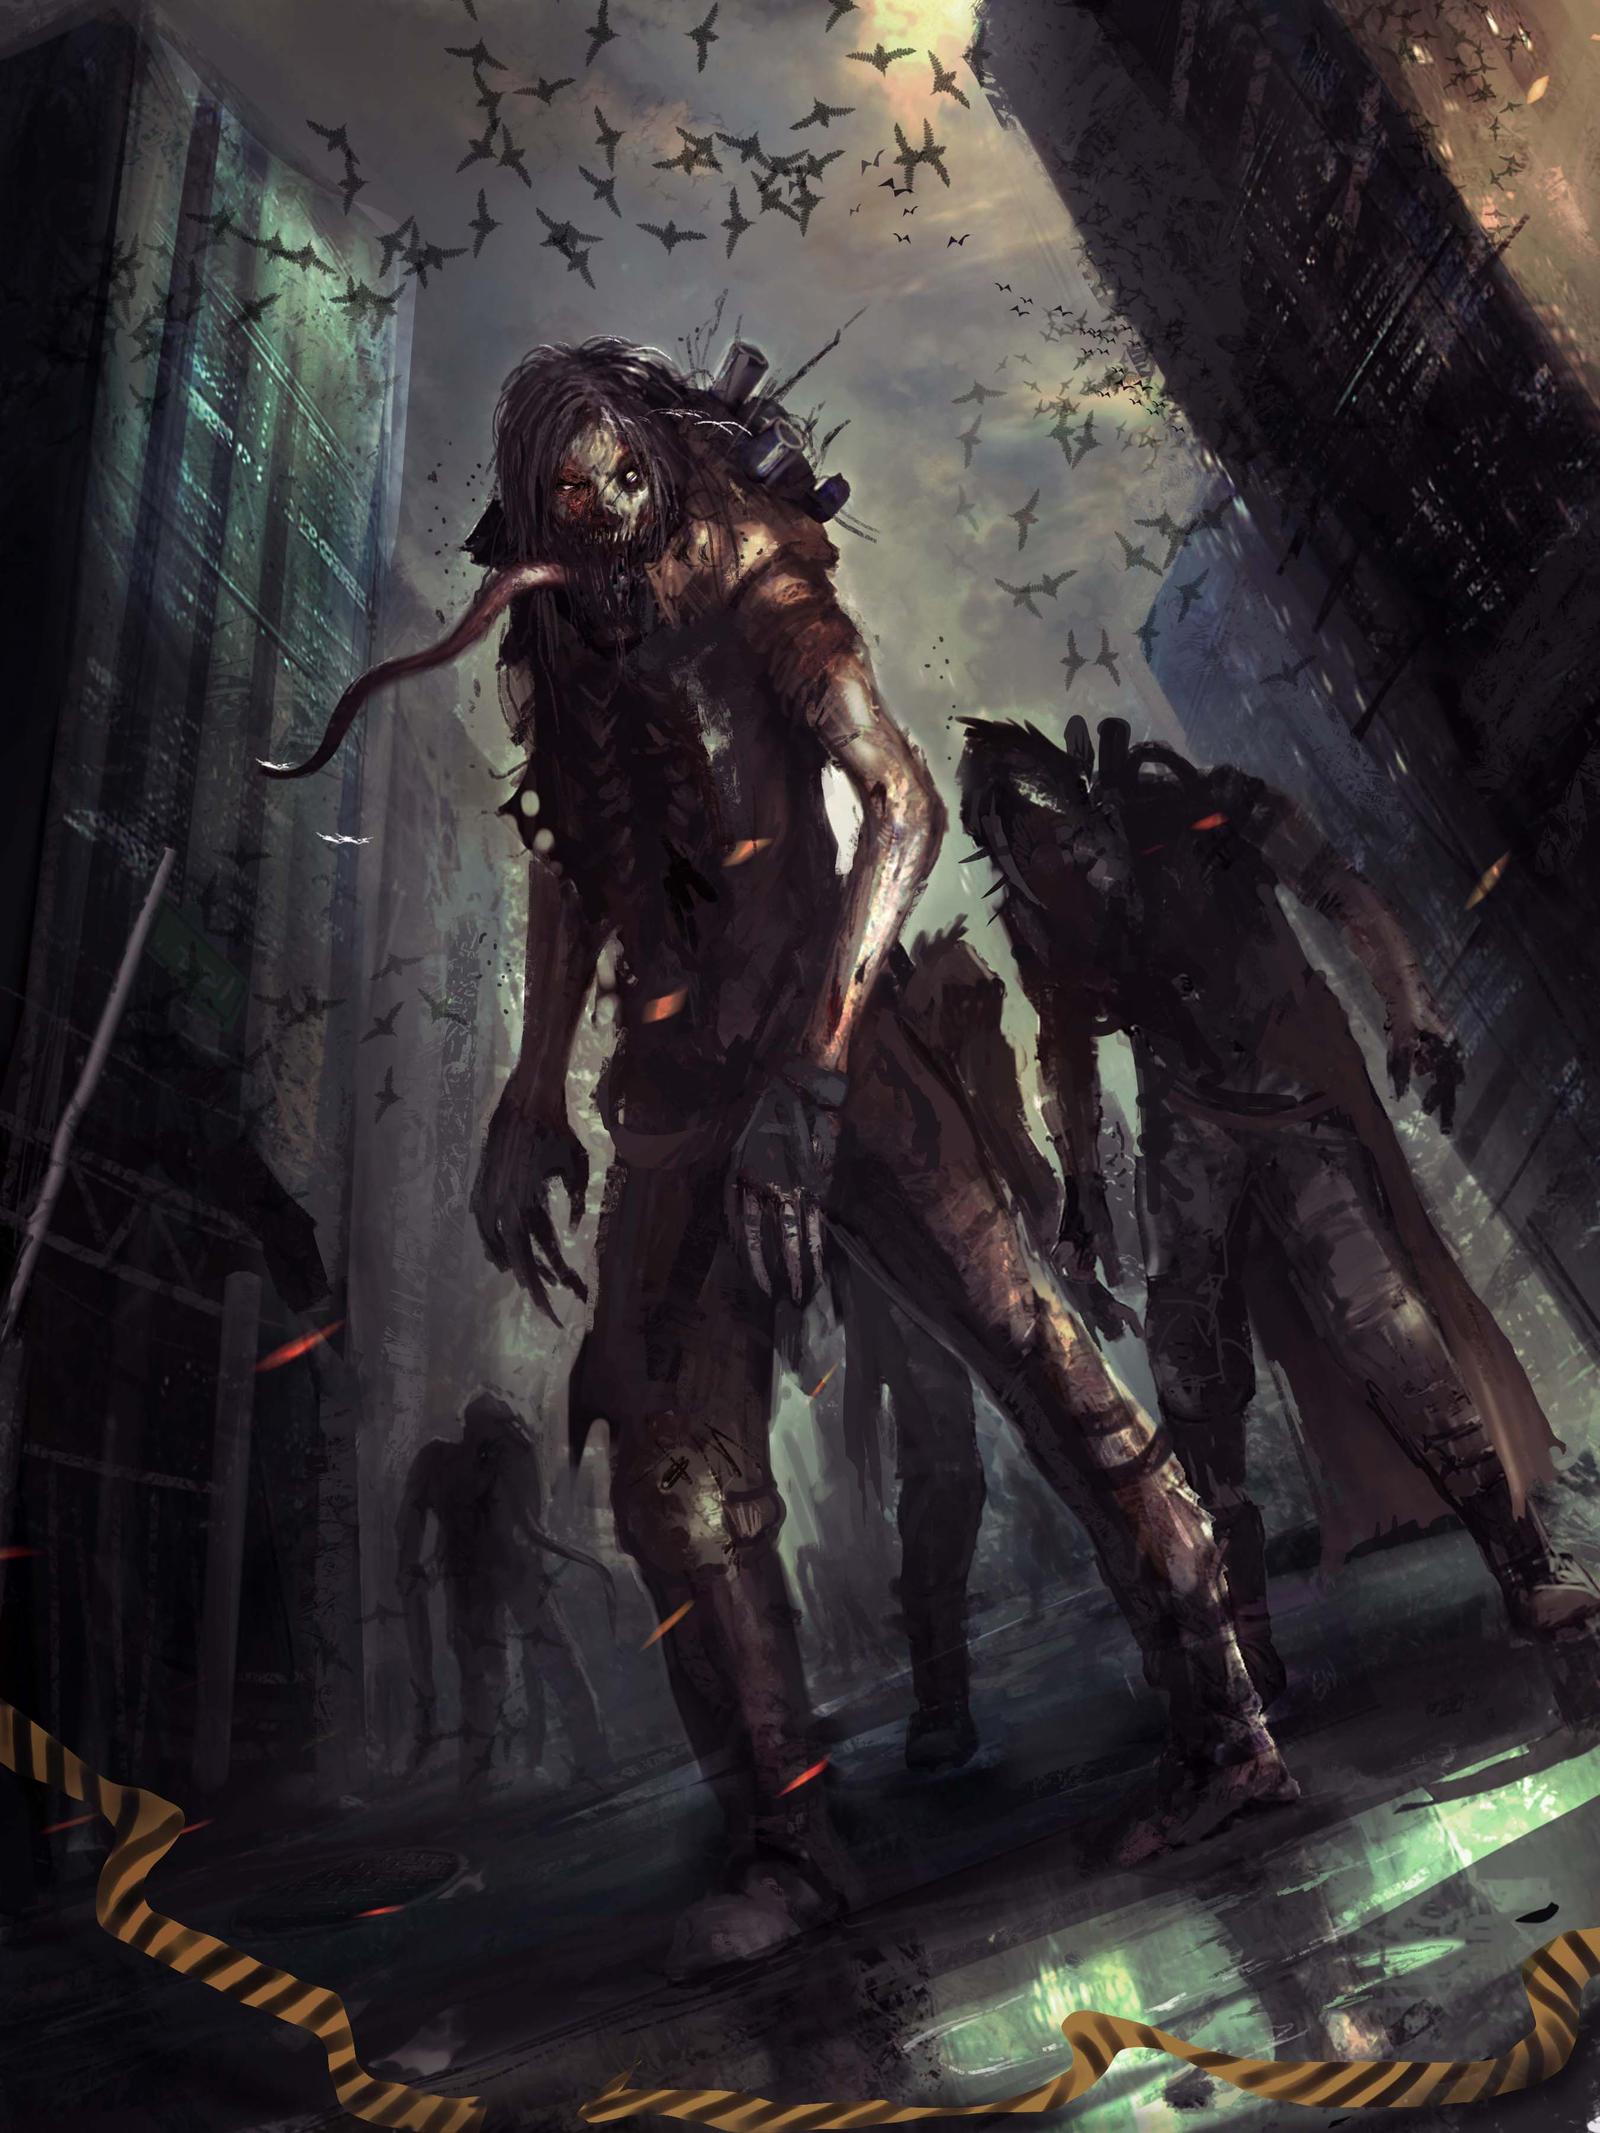 Invasion by Darkcloud013